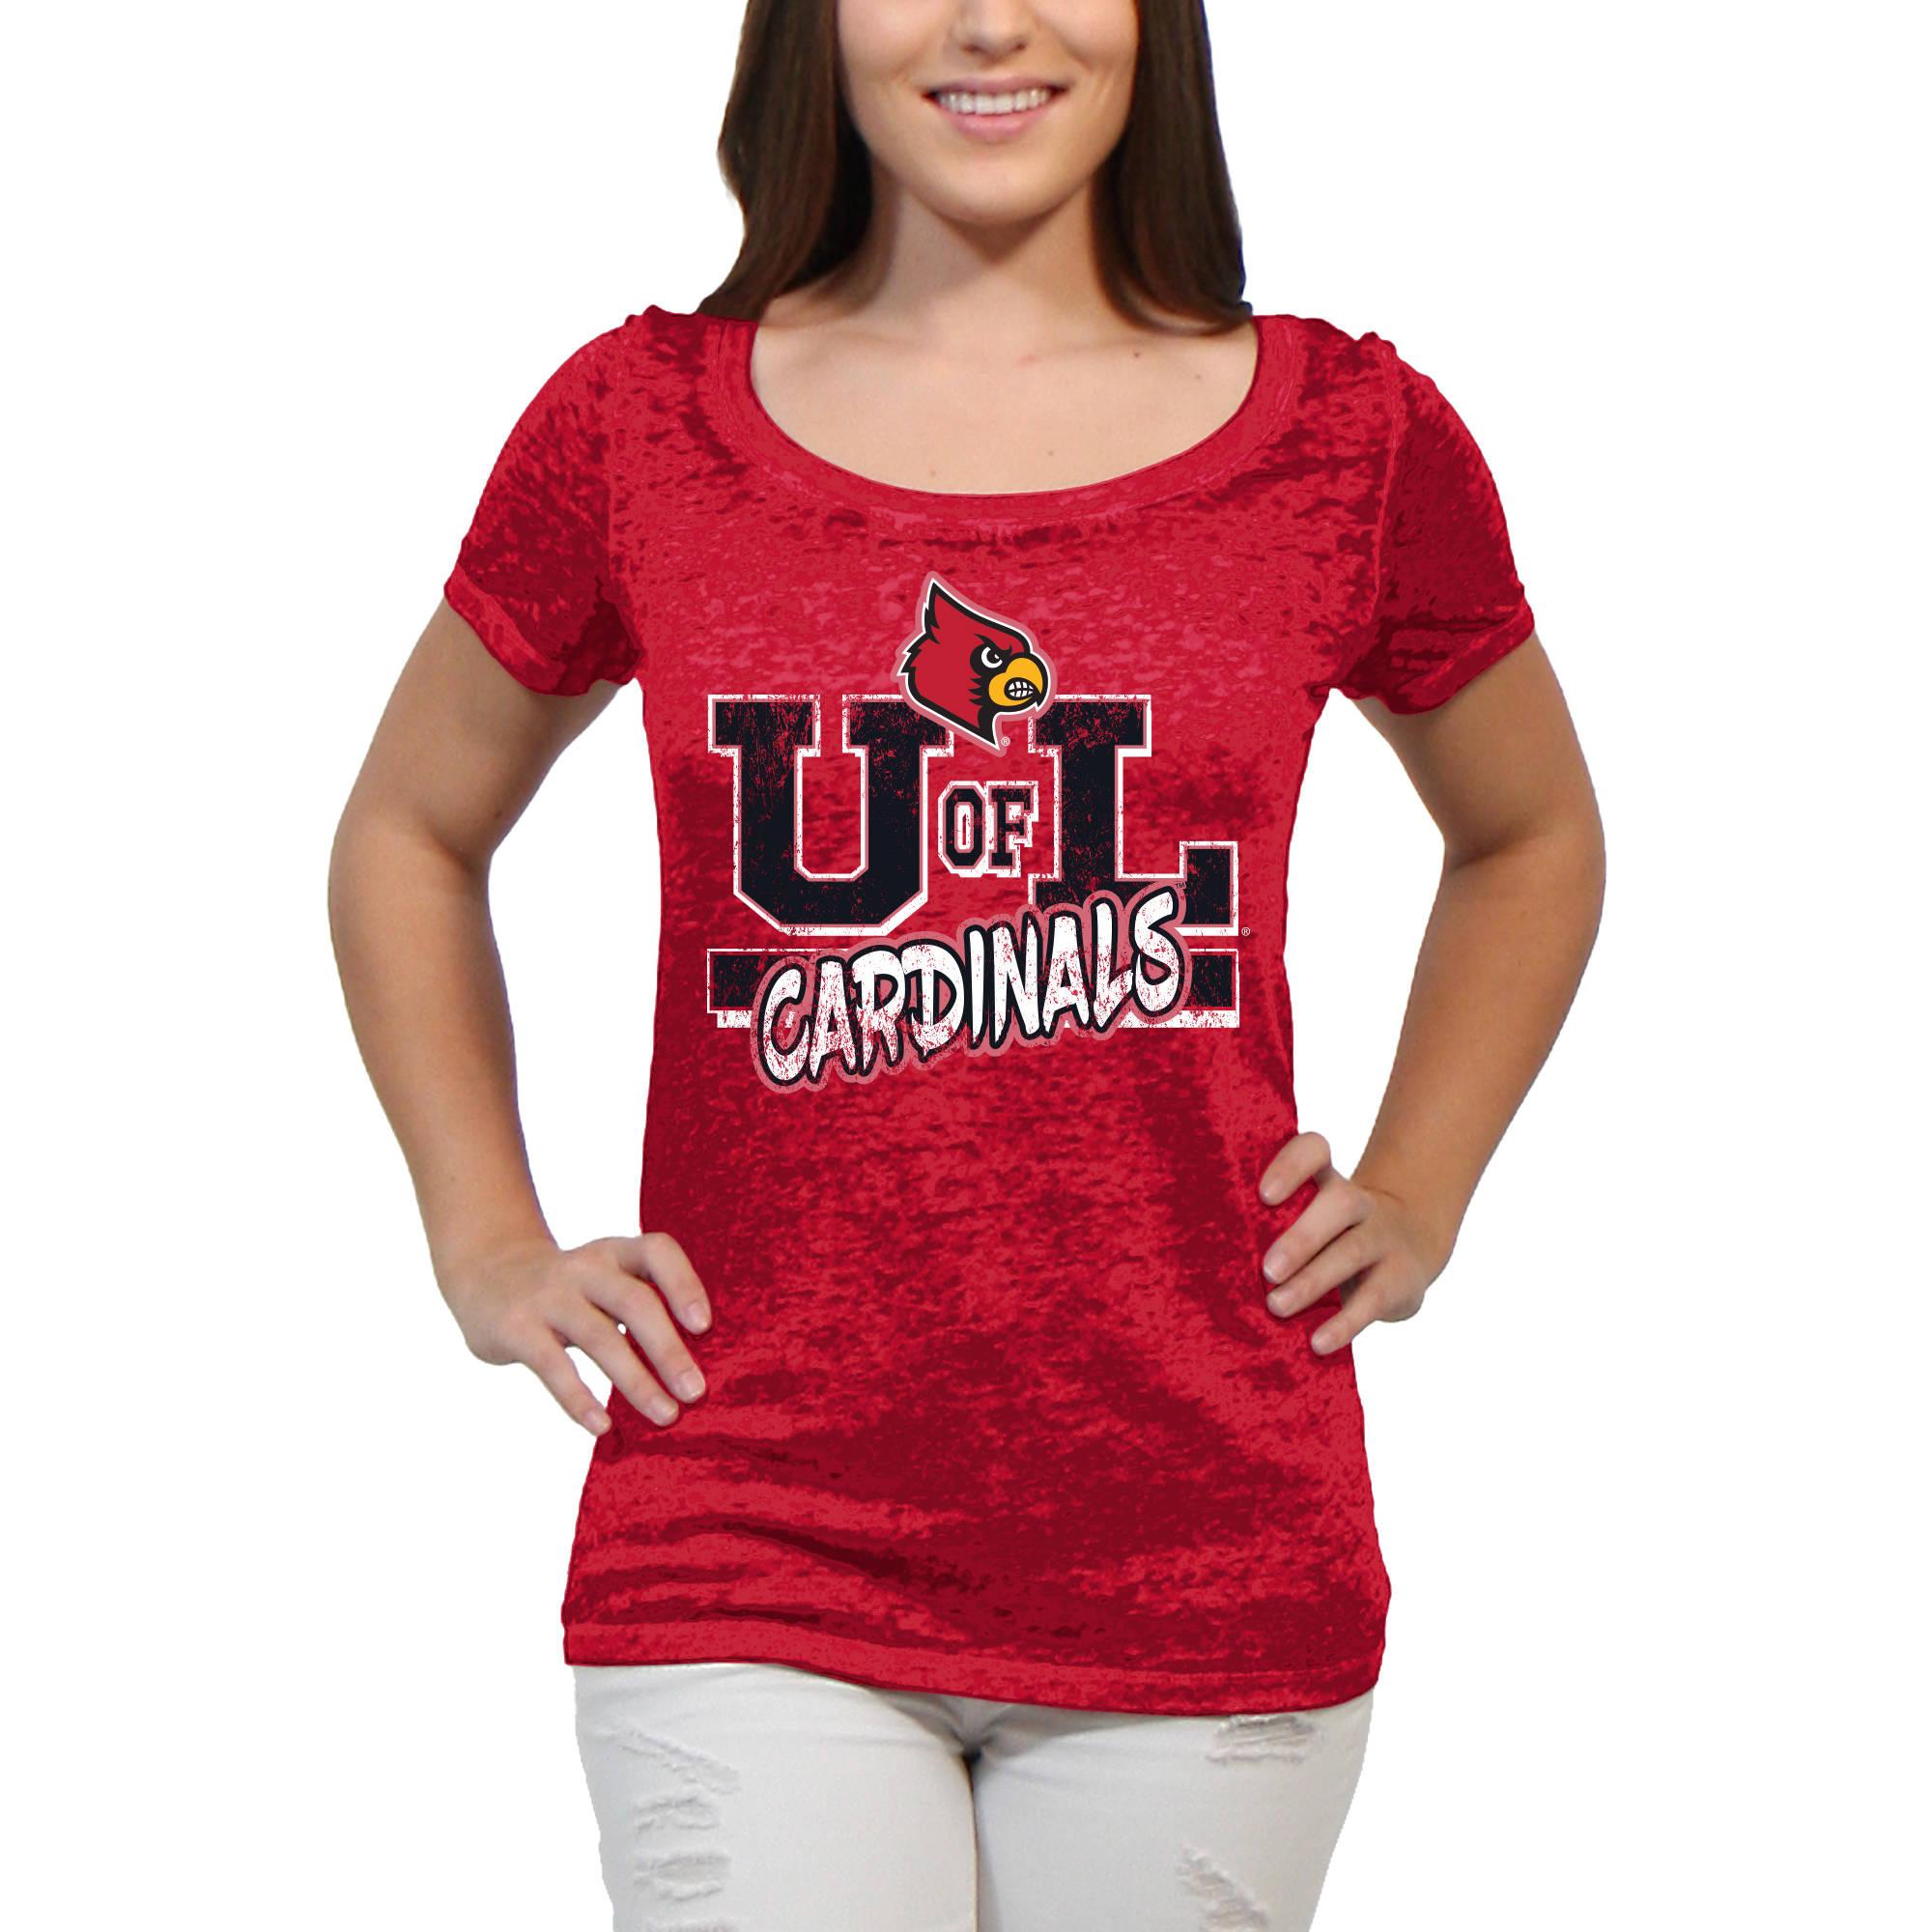 Louisville Cardinals Block Graffiti Women'S/Juniors Team Short Sleeve Scoop Neck Tee Shirt